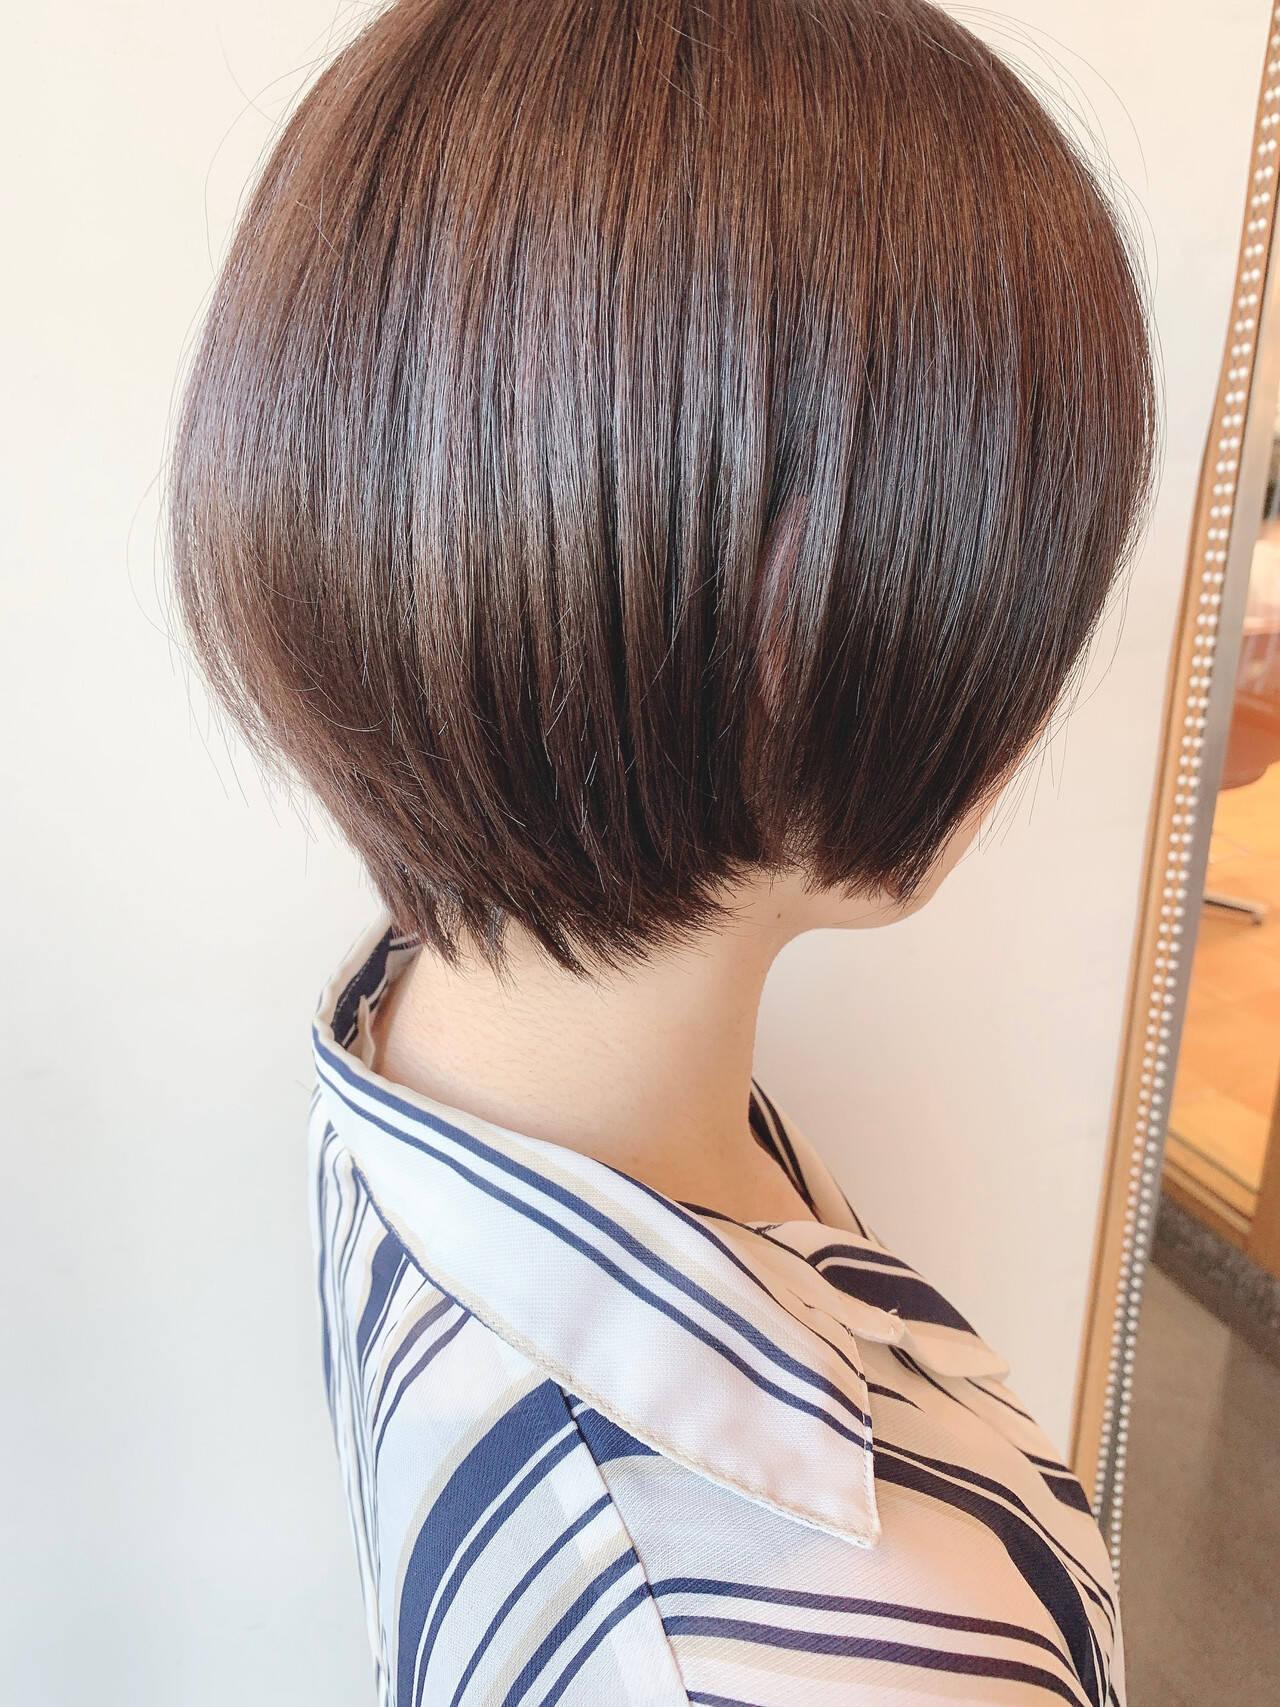 ナチュラル ショートヘア ベリーショート 黒髪ショートヘアスタイルや髪型の写真・画像